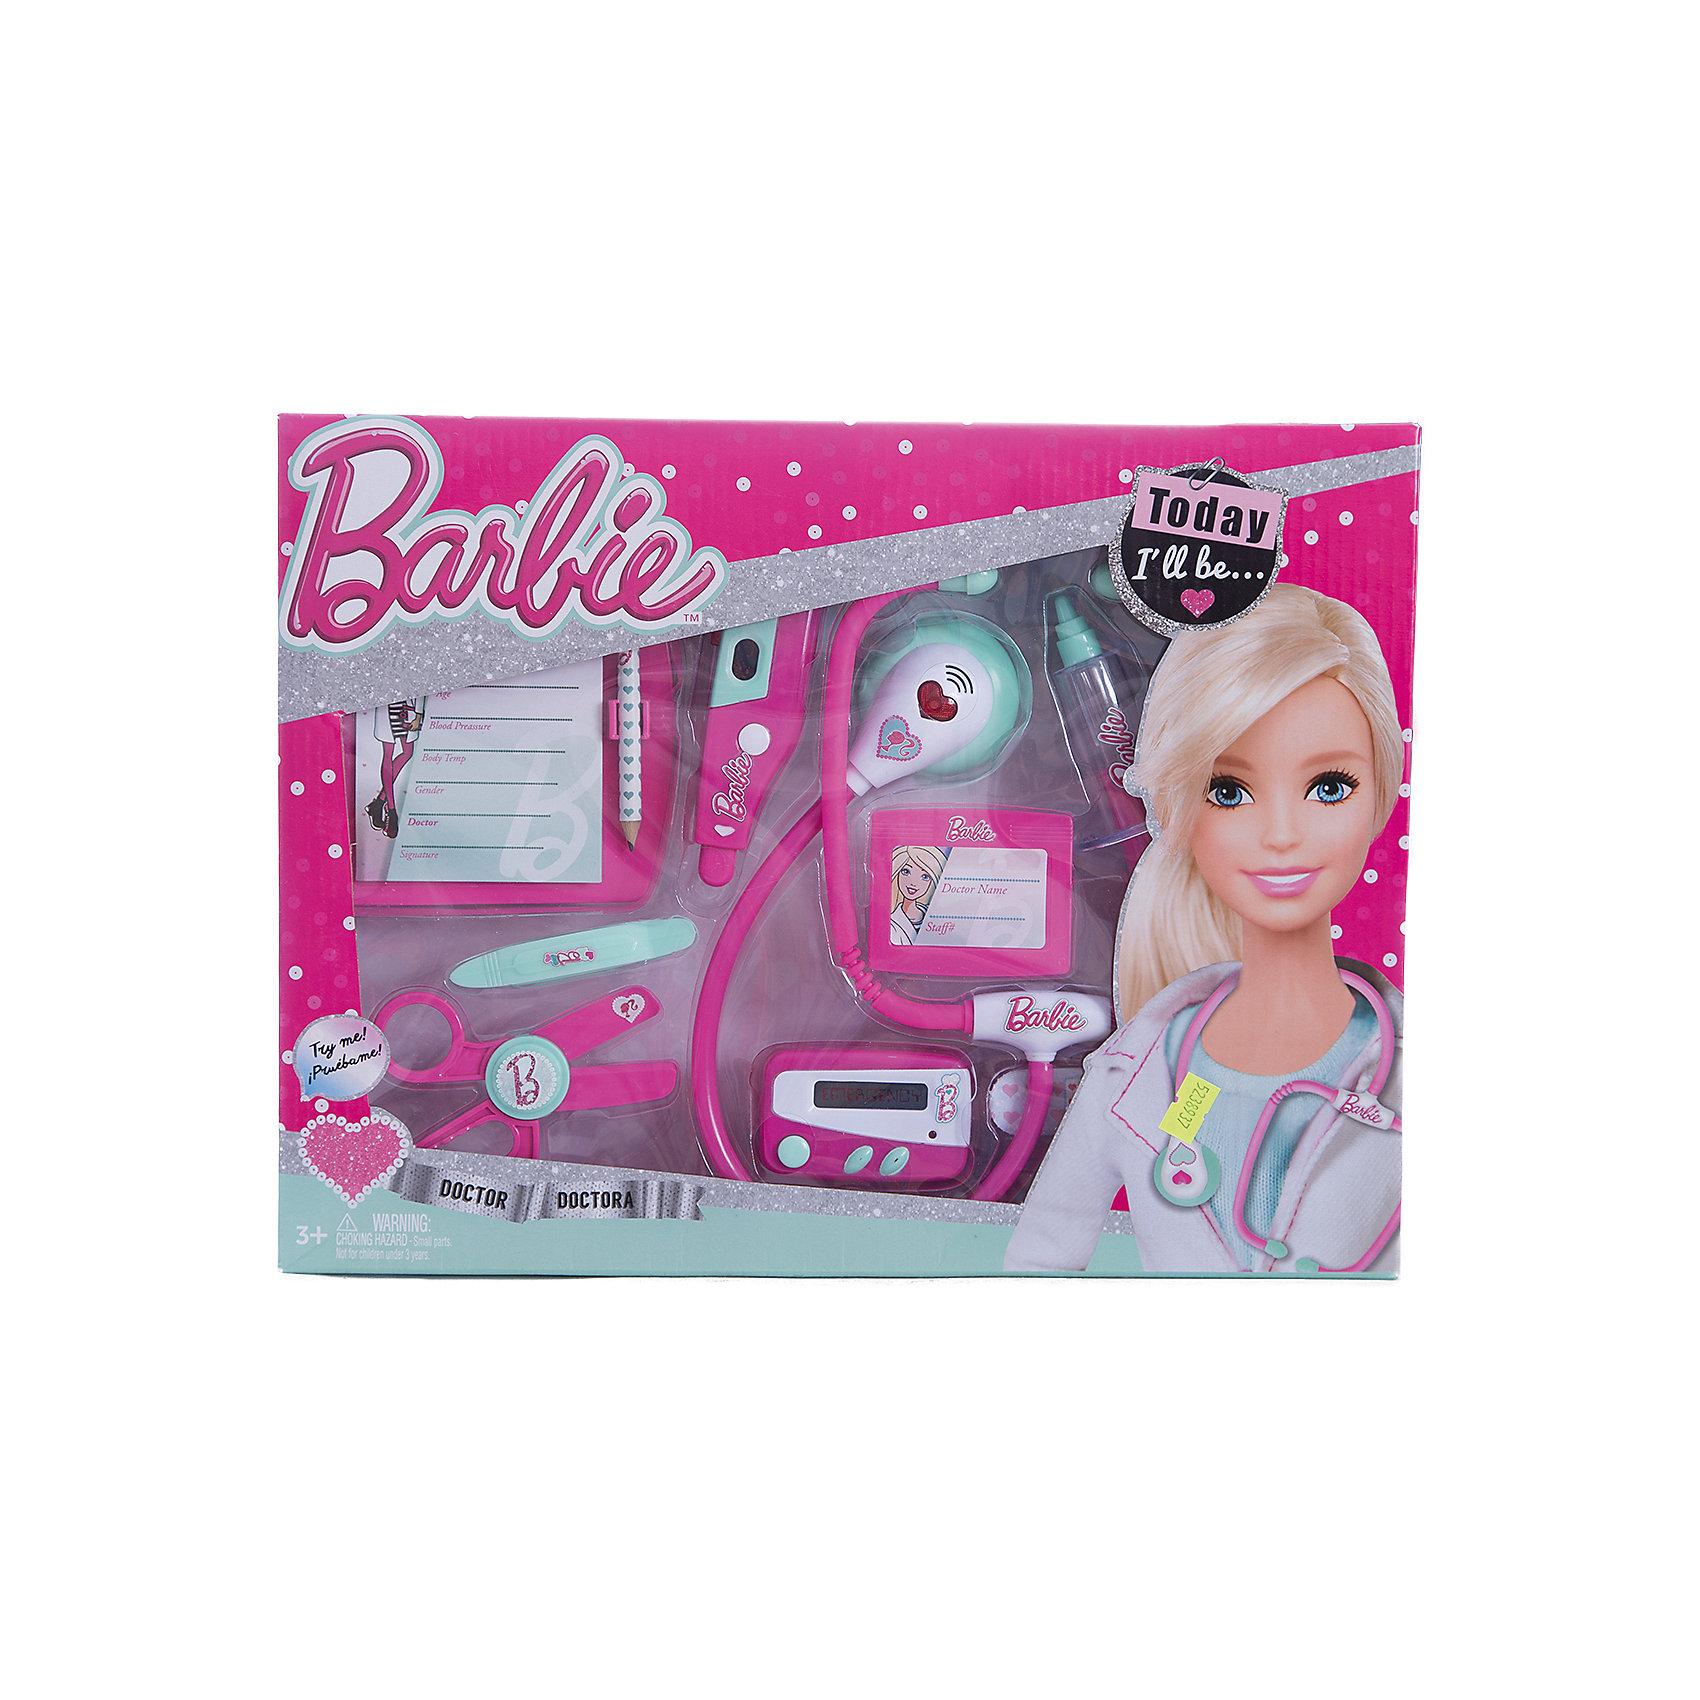 Игровой набор юного доктора средний, BarbieСюжетно-ролевые игры<br>Игровой набор юного доктора на блистере, Barbie (Барби).<br><br>Характеристика:<br><br>• Материал: пластик. <br>• Размер упаковки: 37х6х 28 см.<br>• Комплектация: стетоскоп; электронный градусник для измерения температуры; пейджер; шприц; ножницы;<br>планшет для записей с карандашом; бейдж; пластырь;<br>пинцет. <br>• Звуковые и световые эффекты. <br>• Отличная детализация. <br>• Элемент питания: для стетоскопа - 2 батарейки типа AG13 (входят в комплект); электронный градусник - 2 батарейки типа AG10 (входят в комплект); для пейджера - 2 батарейки типа AG13 (входят в комплект).<br>• Яркий привлекательный дизайн. <br><br>С этим ярким набором врача ваша девочка почувствует себя самым настоящим доктором. Все аксессуары отлично детализированы и хорошо проработаны, очень похожи на медицинские инструменты. Игрушки изготовлены из экологичного пластика, в производстве которого использованы только безопасные нетоксичные красители.<br><br>Игровой набор юного доктора на блистере, Barbie (Барби), можно купить в нашем интернет-магазине.<br><br>Ширина мм: 370<br>Глубина мм: 280<br>Высота мм: 600<br>Вес г: 565<br>Возраст от месяцев: 36<br>Возраст до месяцев: 2147483647<br>Пол: Женский<br>Возраст: Детский<br>SKU: 5238937